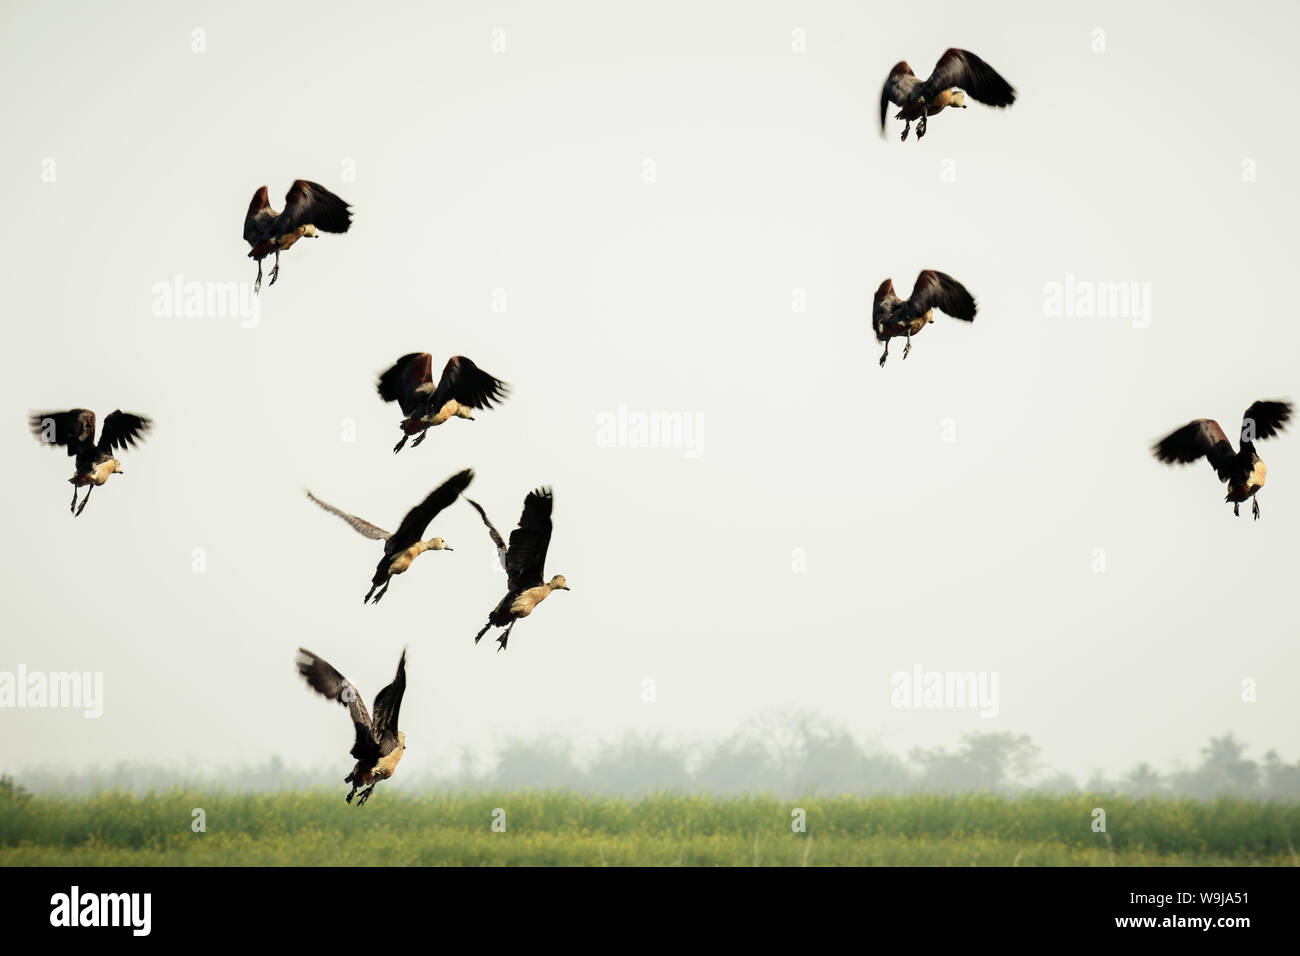 Der Führer folgen. Eine Herde von Indischen Kormoran Vögel in Bewegung fliegen über See. Meer Vögel in der Natur. Bird Migration. Freiheit Konzept. Vedantan Stockfoto